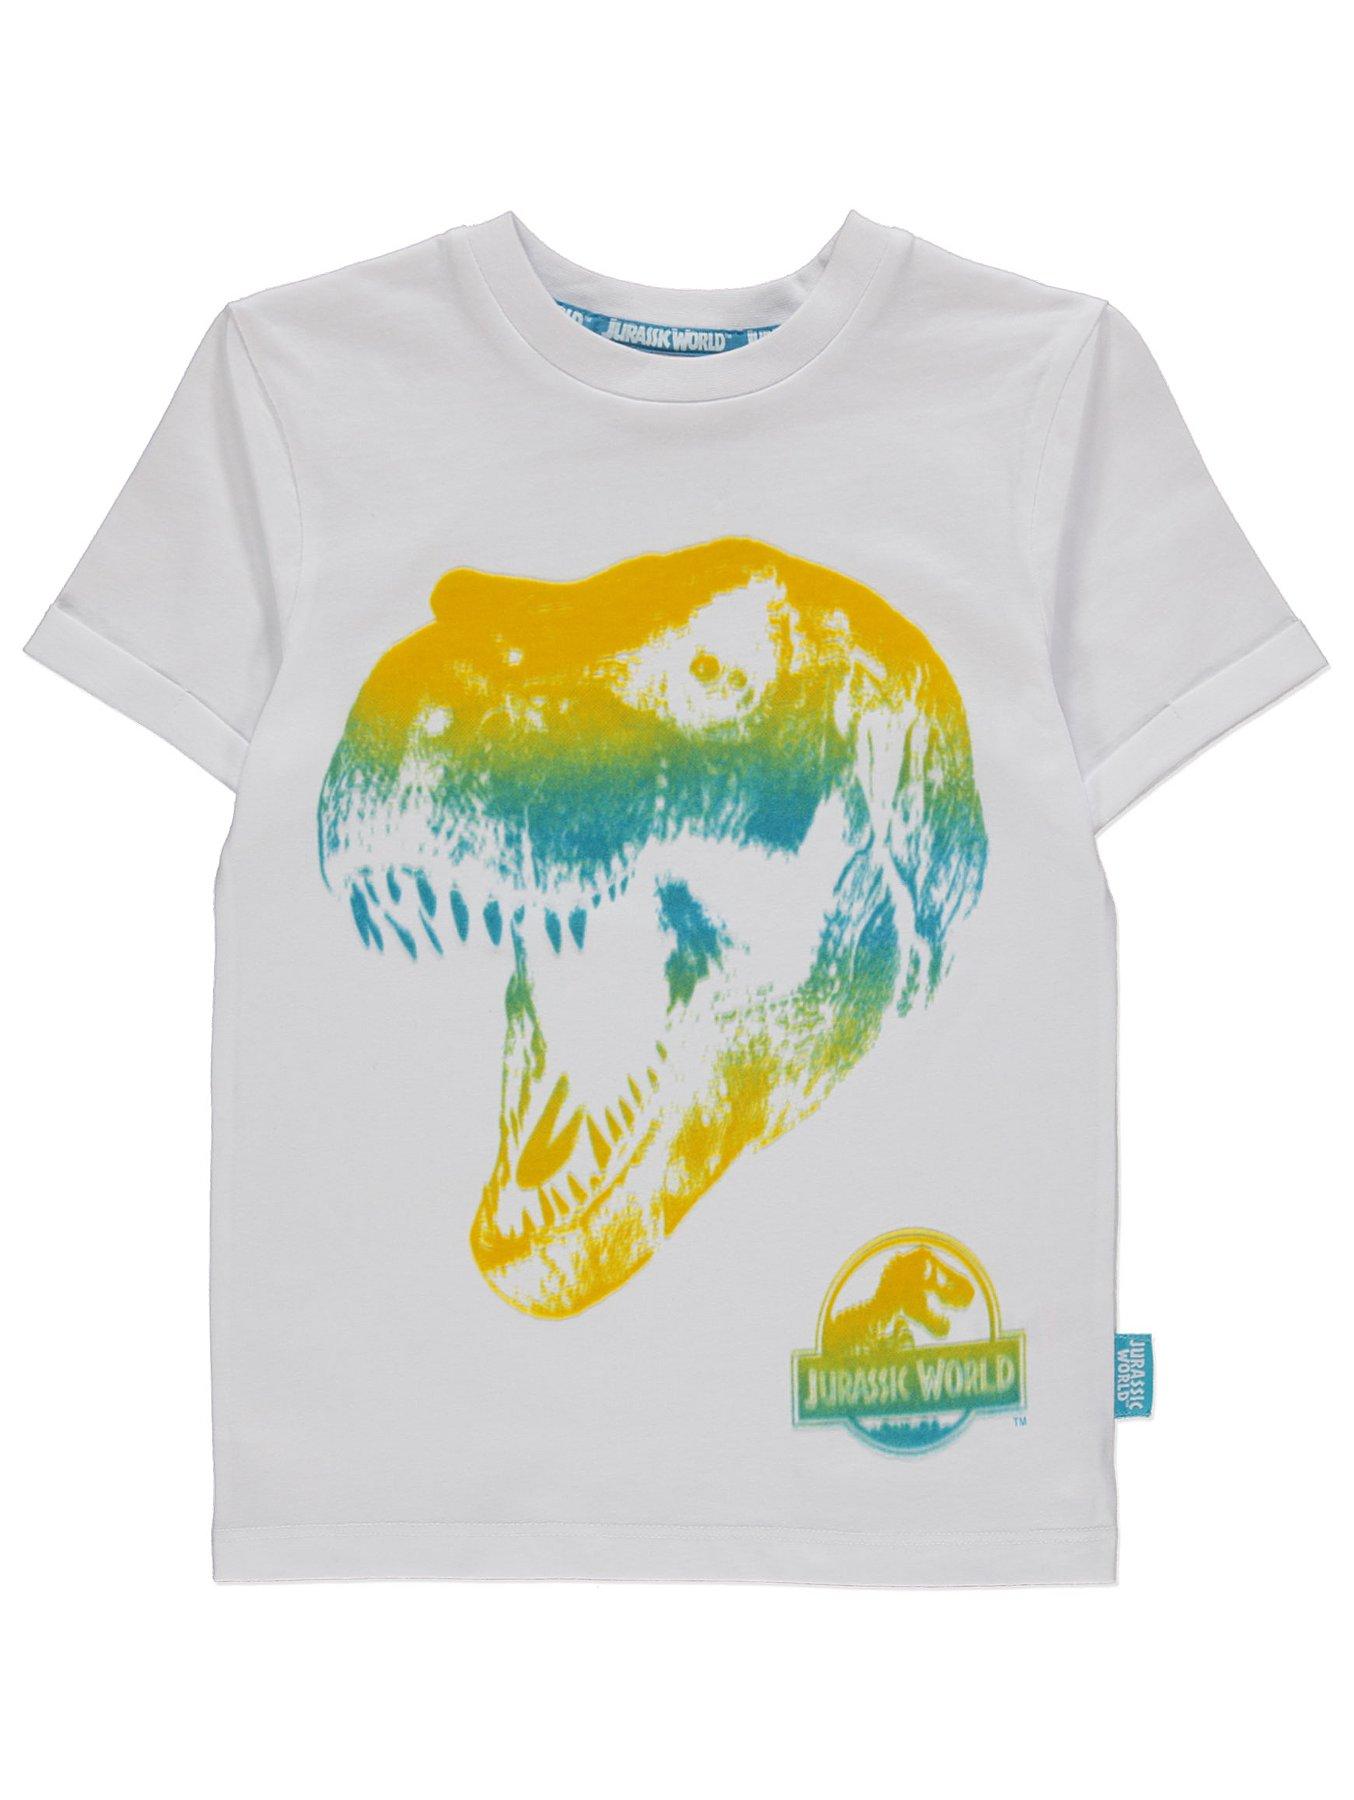 aed45a928 Jurassic World Print T-Shirt | Kids | George